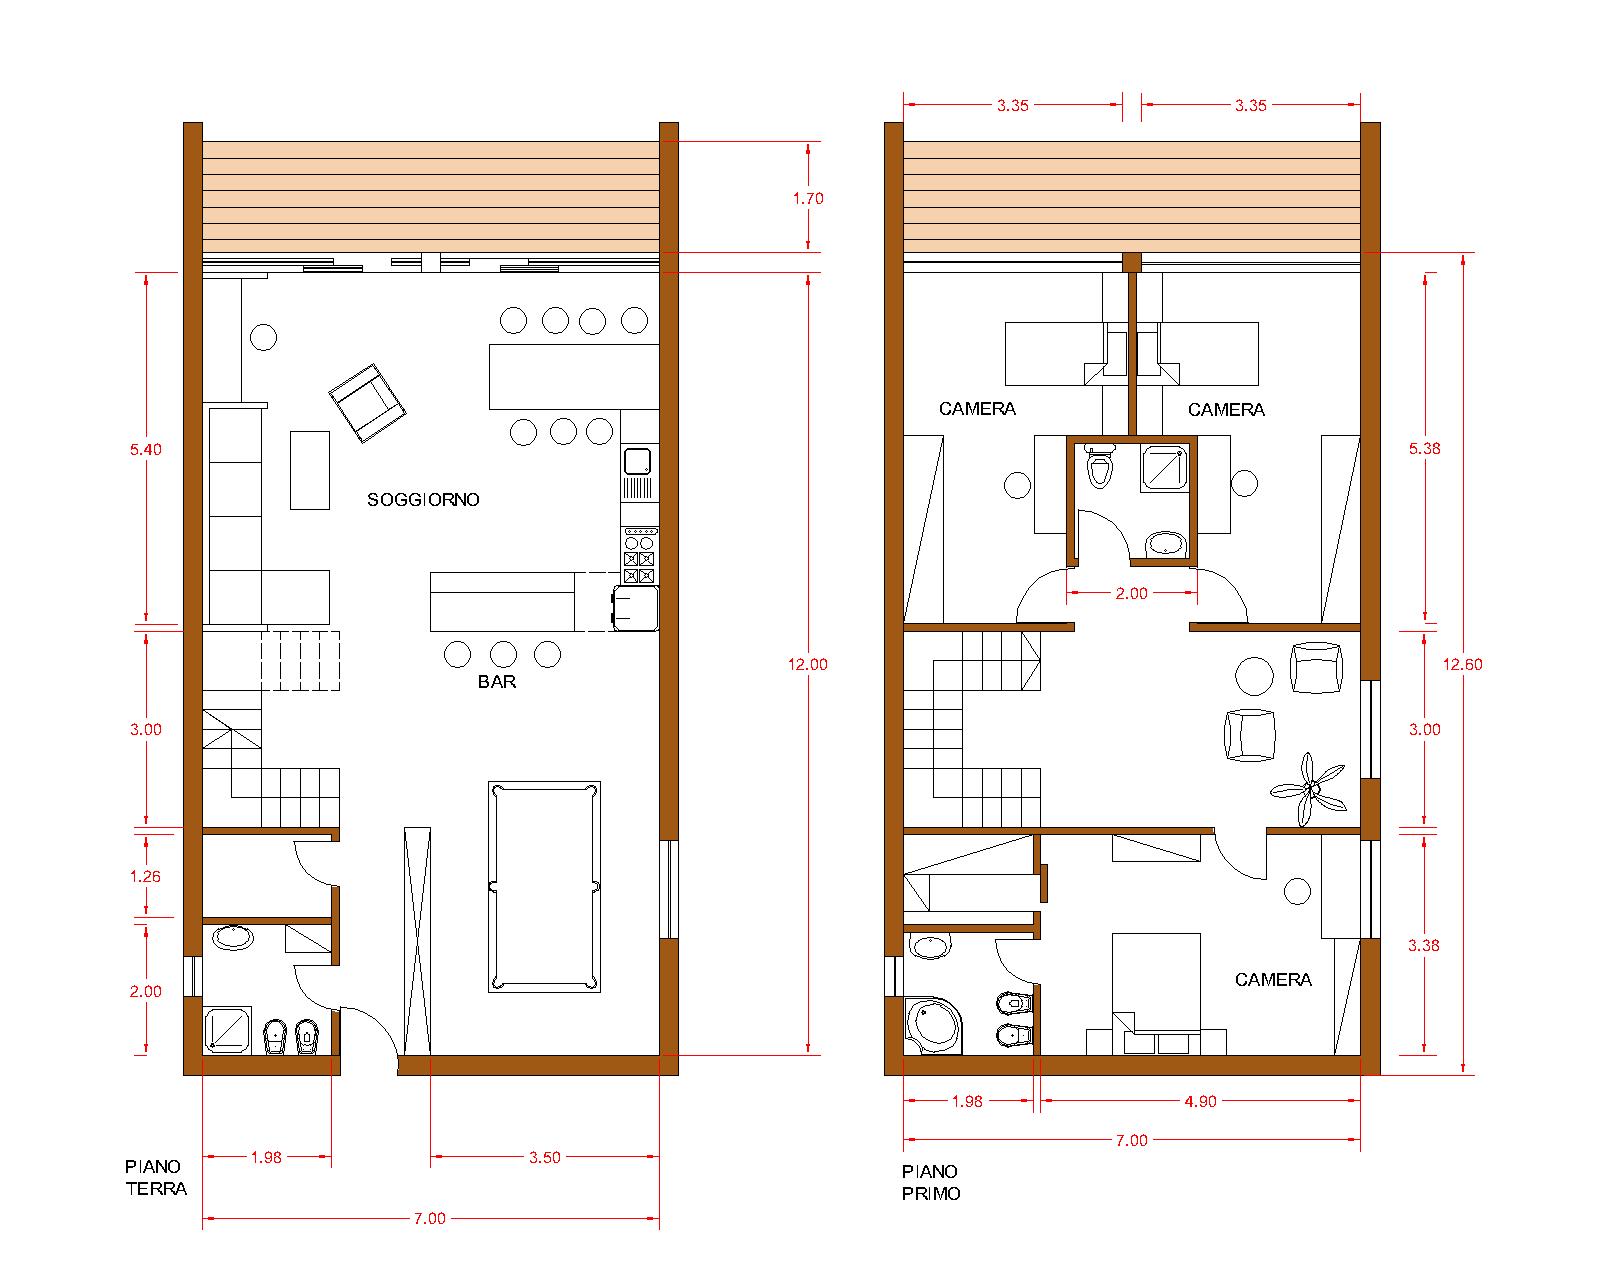 Progetti di case in legno casa 191 mq terrazze 25 mq for Casa moderna progetti